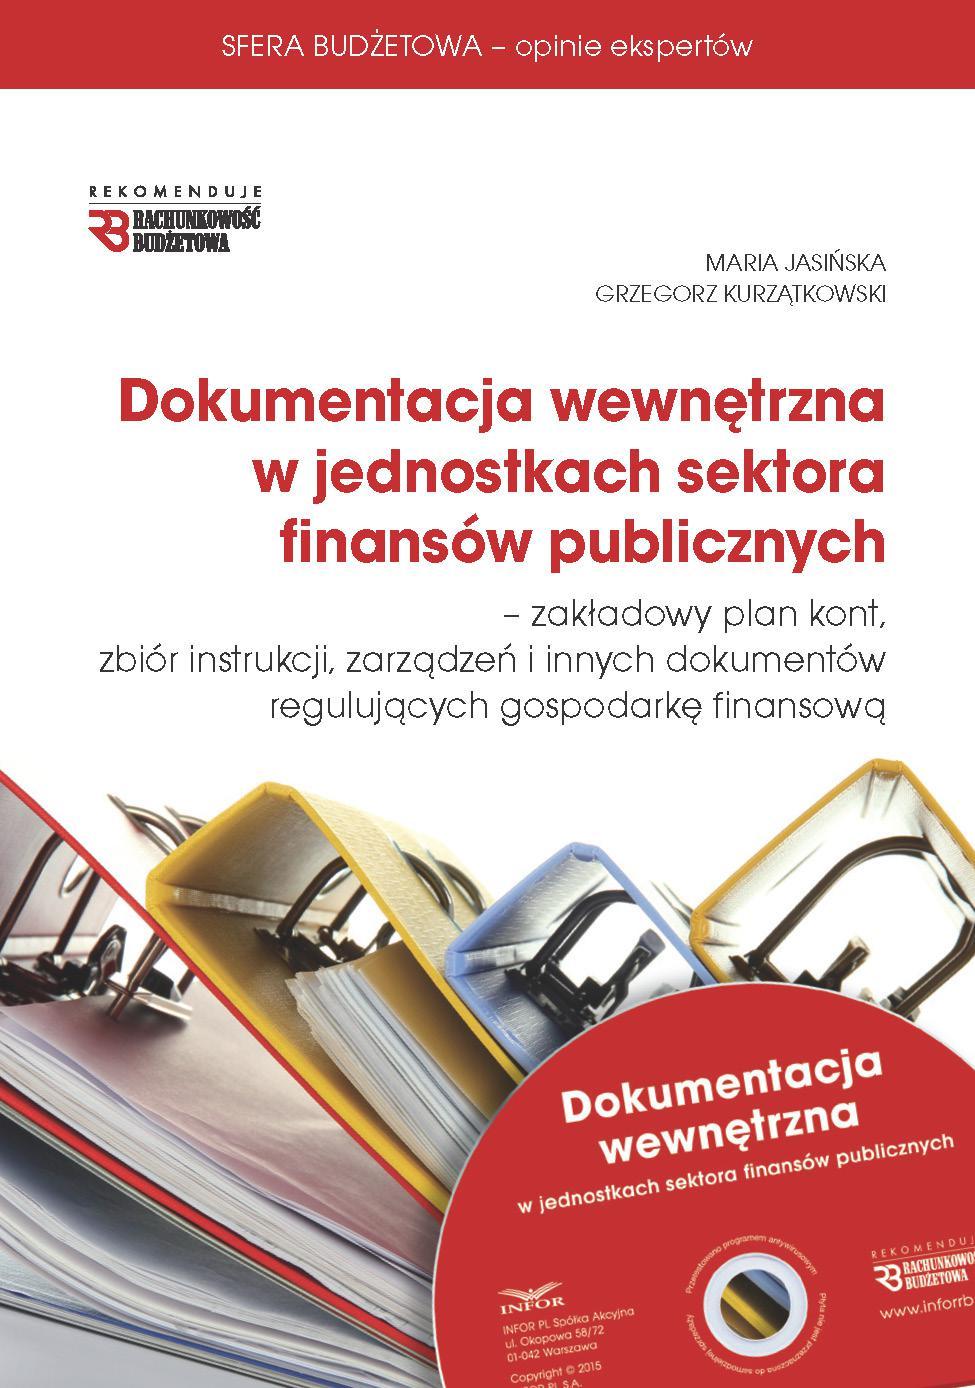 Dokumentacja wewnętrzna w jednostkach sektora finansów publicznych 2015 - Ebook (Książka PDF) do pobrania w formacie PDF